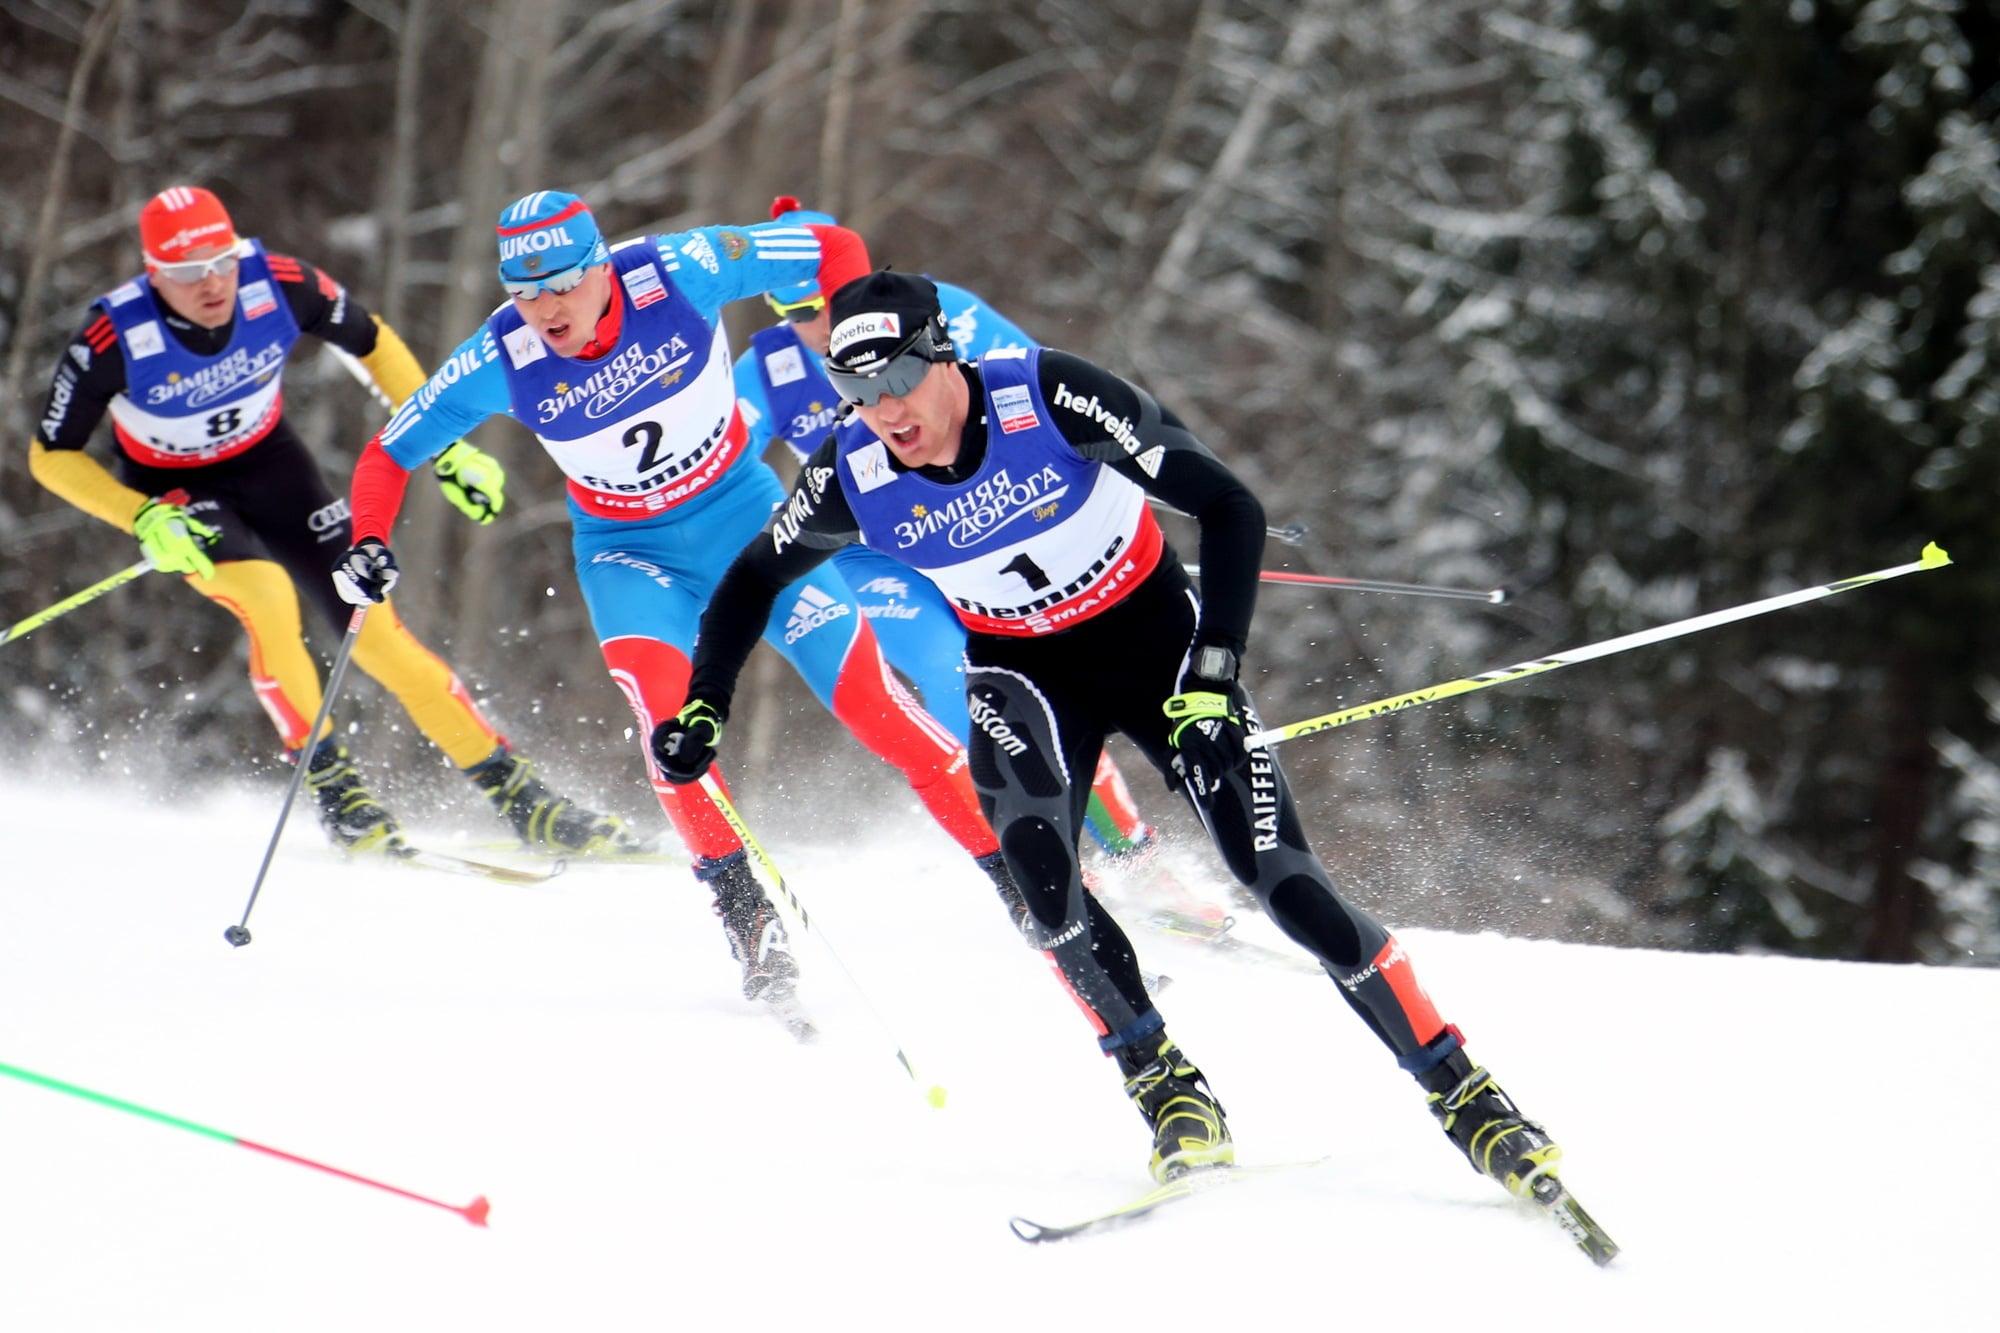 Лыжные гонки - Центр спортивной подготовки Республики Татарстан